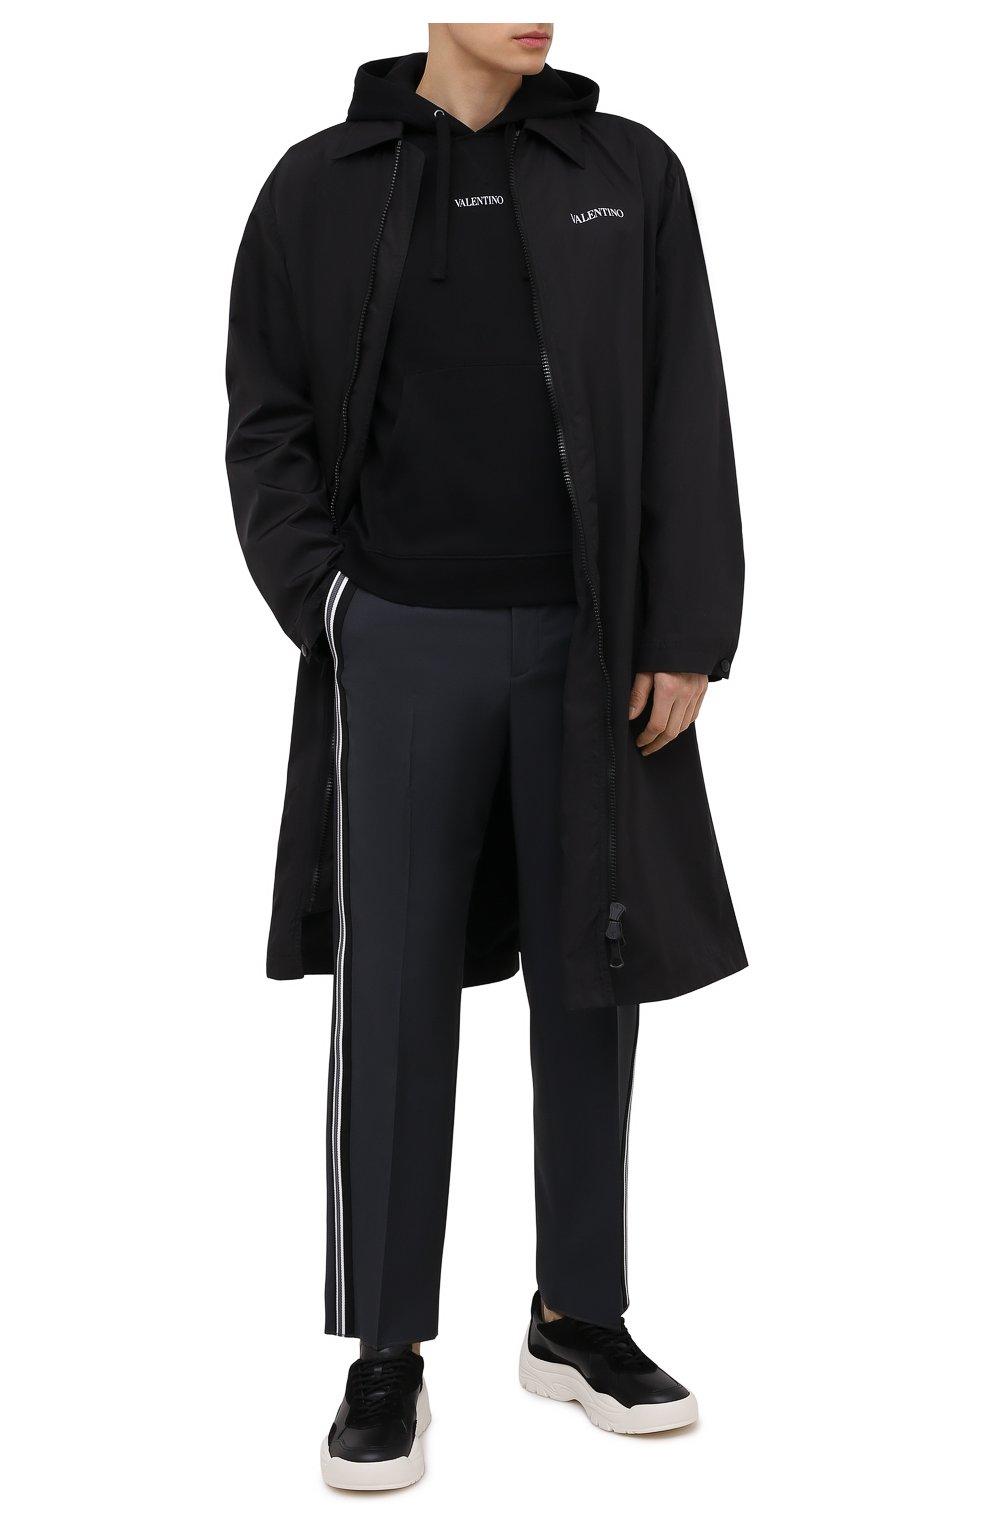 Мужской плащ VALENTINO черного цвета, арт. VV3CII9066C   Фото 2 (Мужское Кросс-КТ: Плащ-верхняя одежда; Рукава: Длинные; Длина (верхняя одежда): До колена; Материал внешний: Синтетический материал; Материал подклада: Синтетический материал; Стили: Кэжуэл)